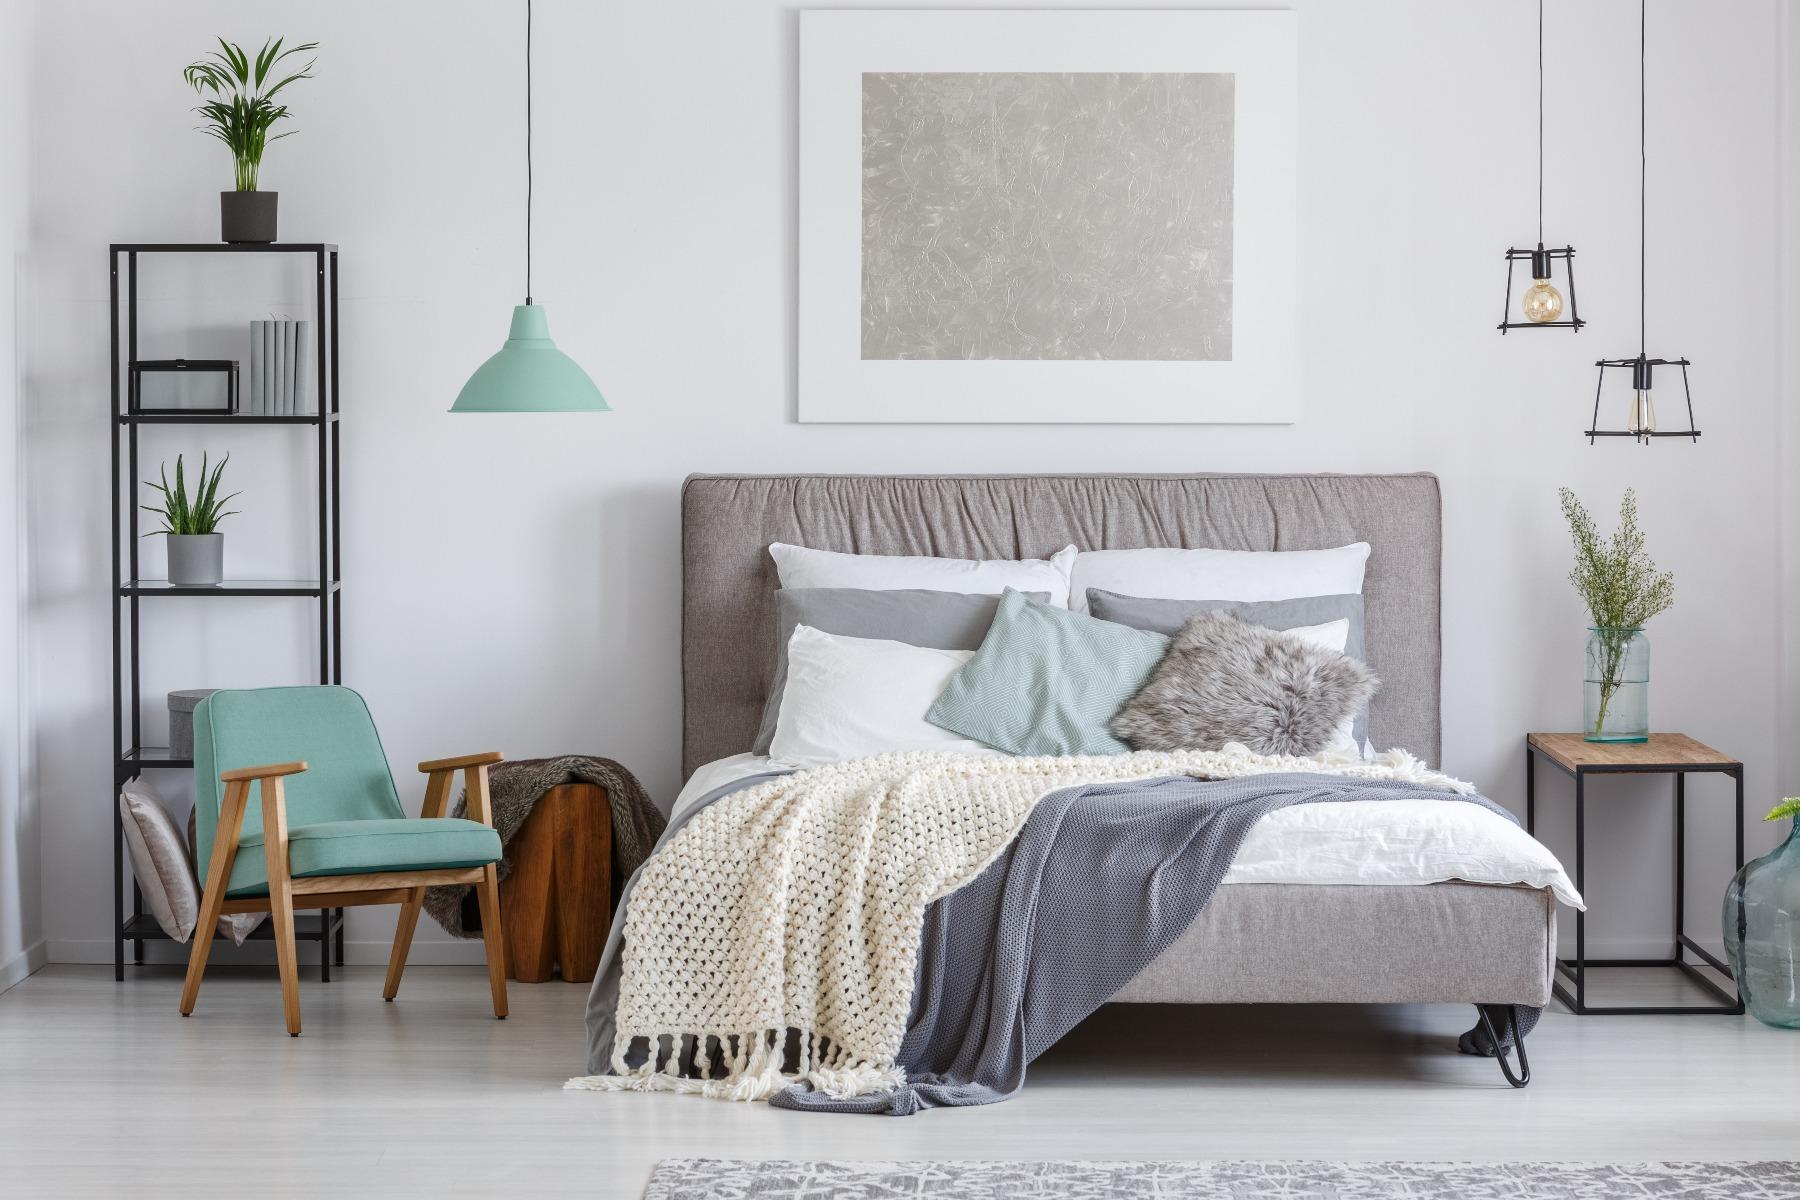 Das Bild zeigt Ideen für die Schlafzimmer Einrichtung.